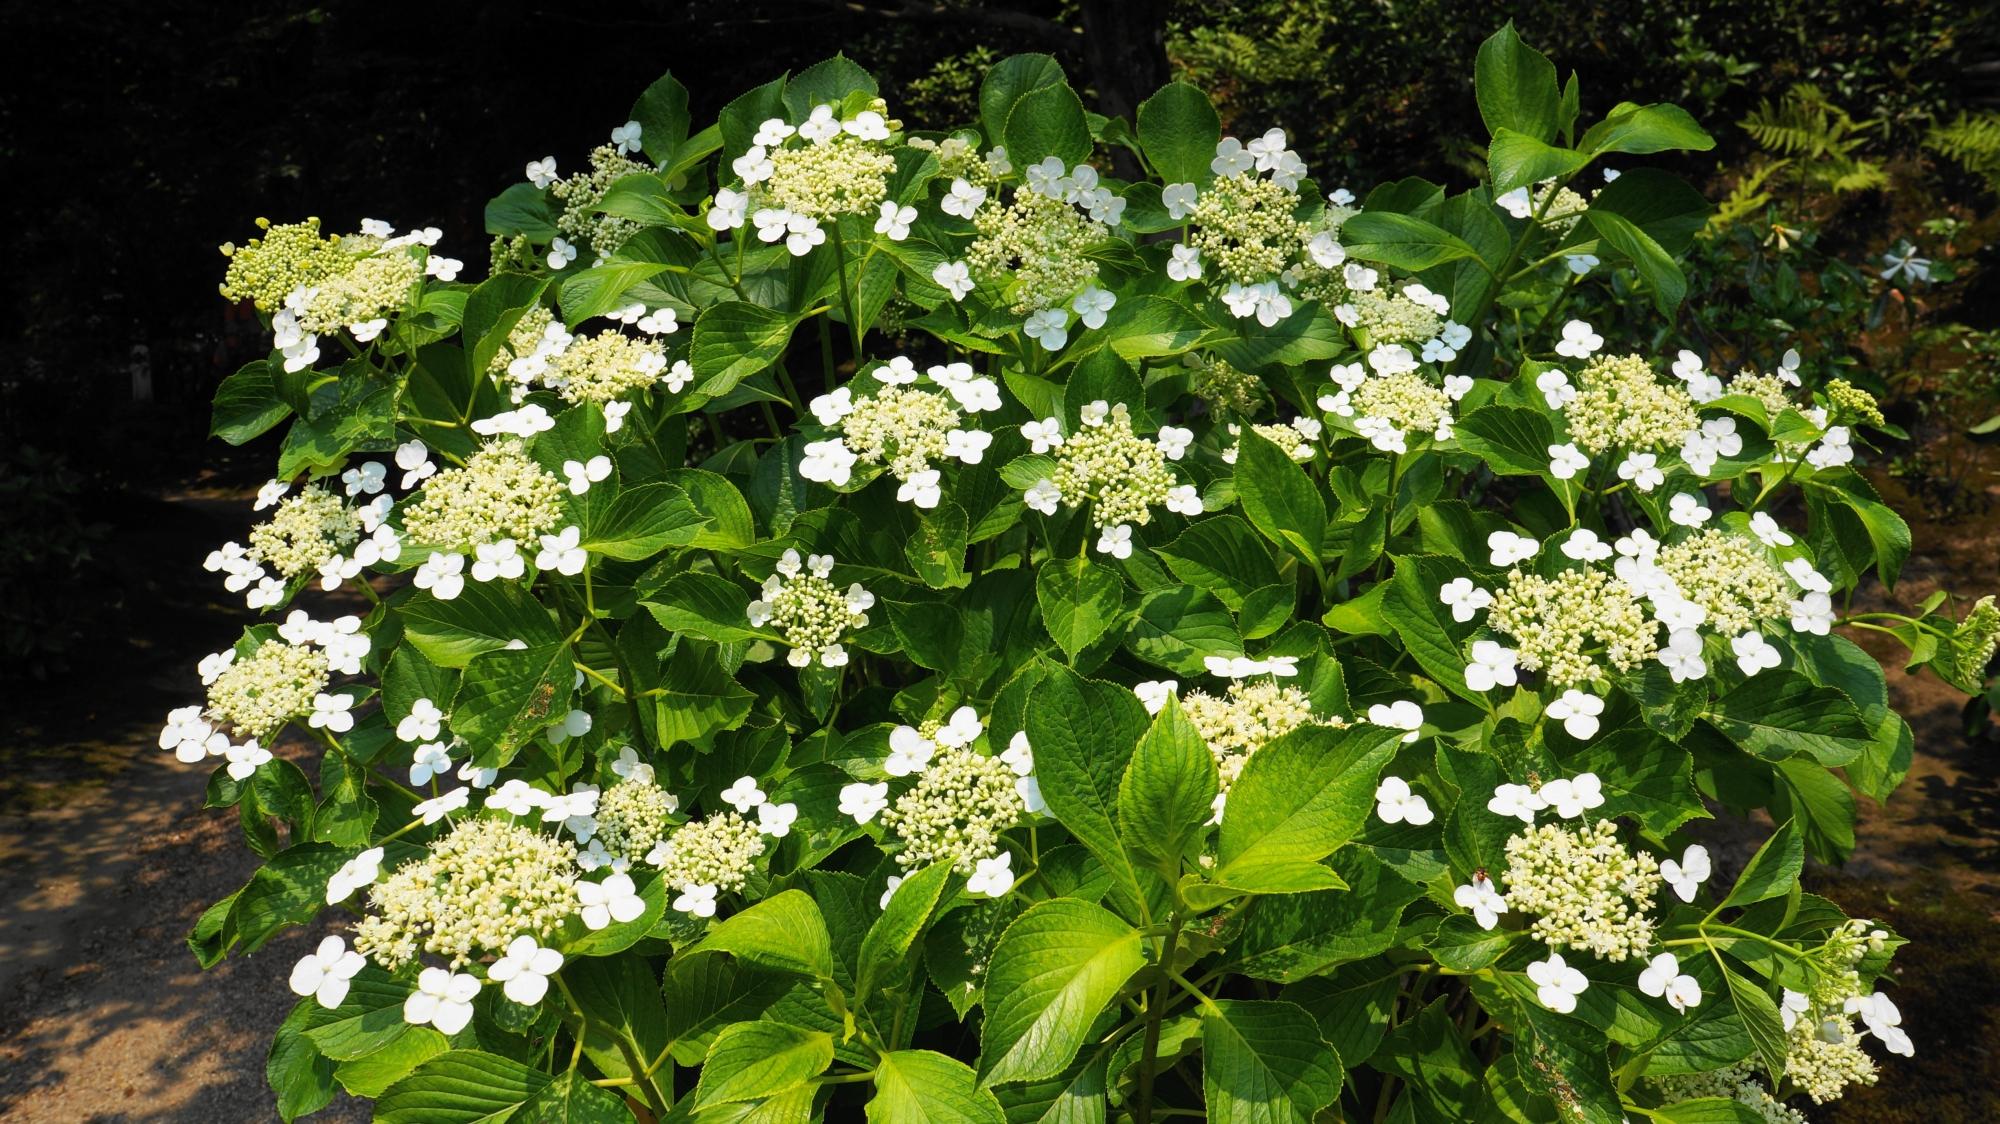 法金剛院の華やかな白い額紫陽花